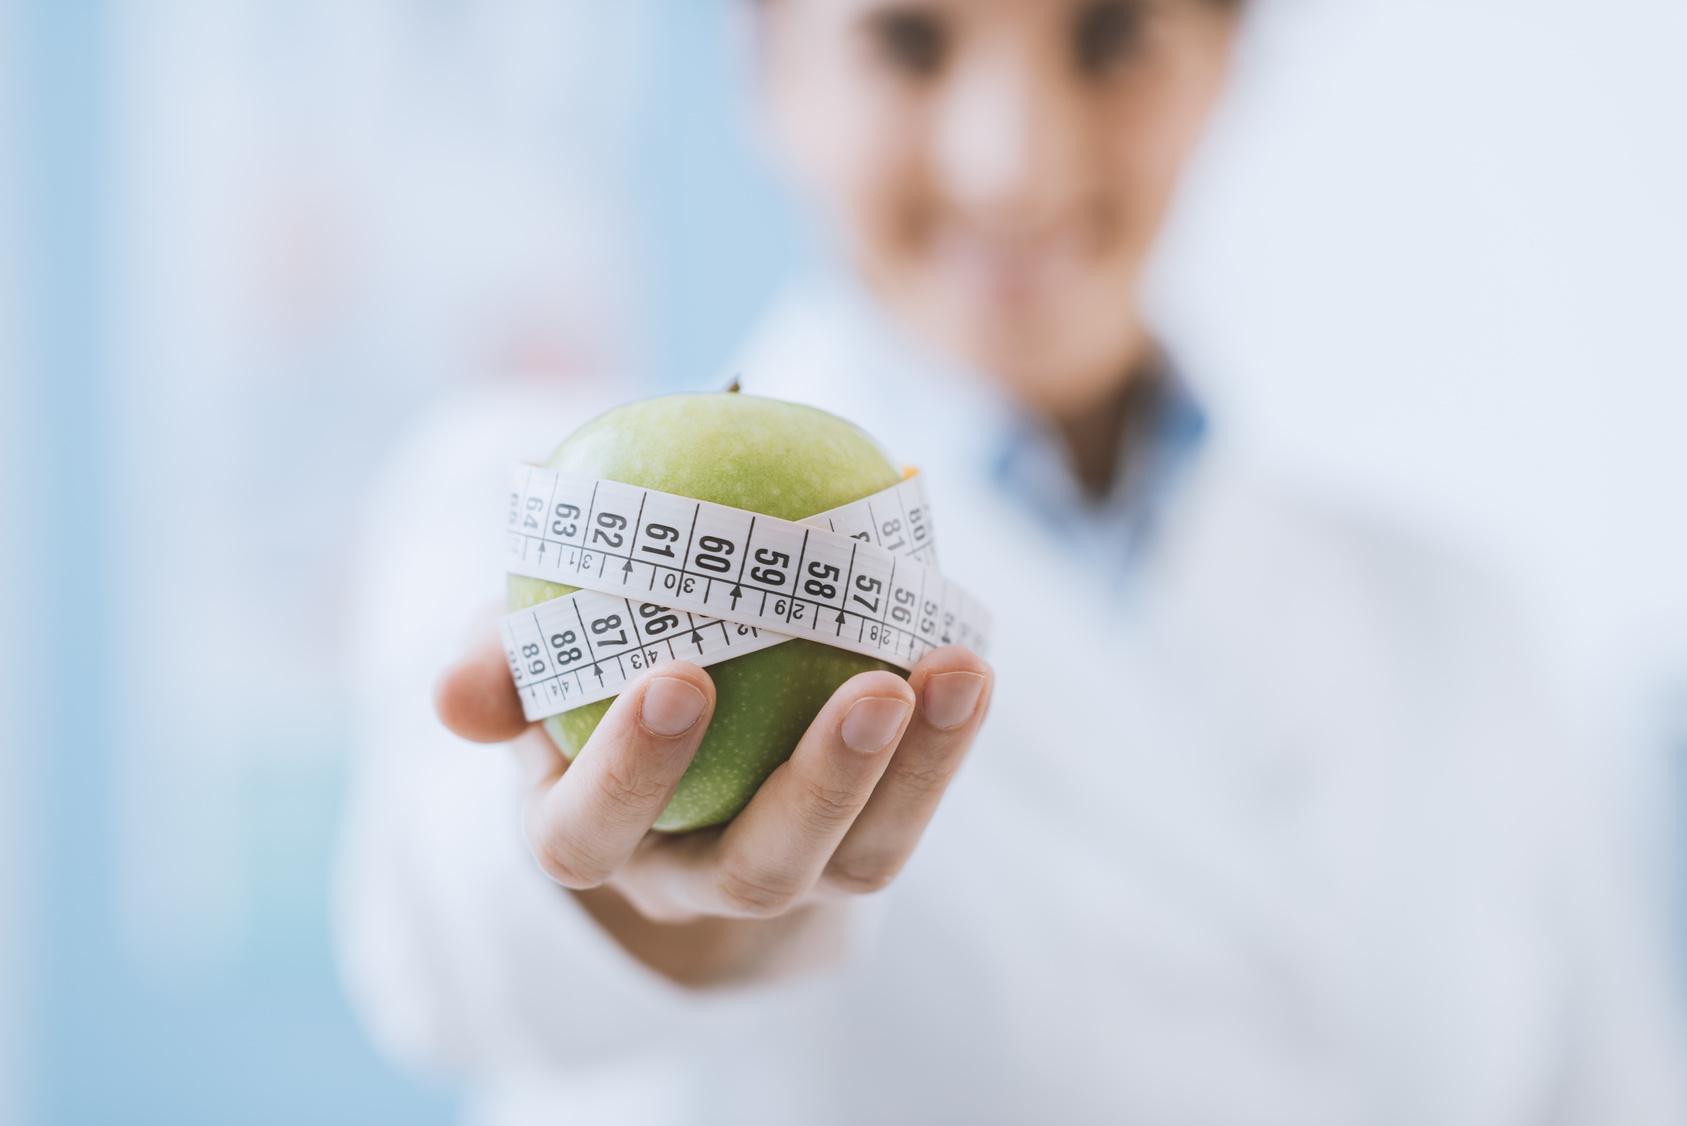 spese nutrizionista si possono